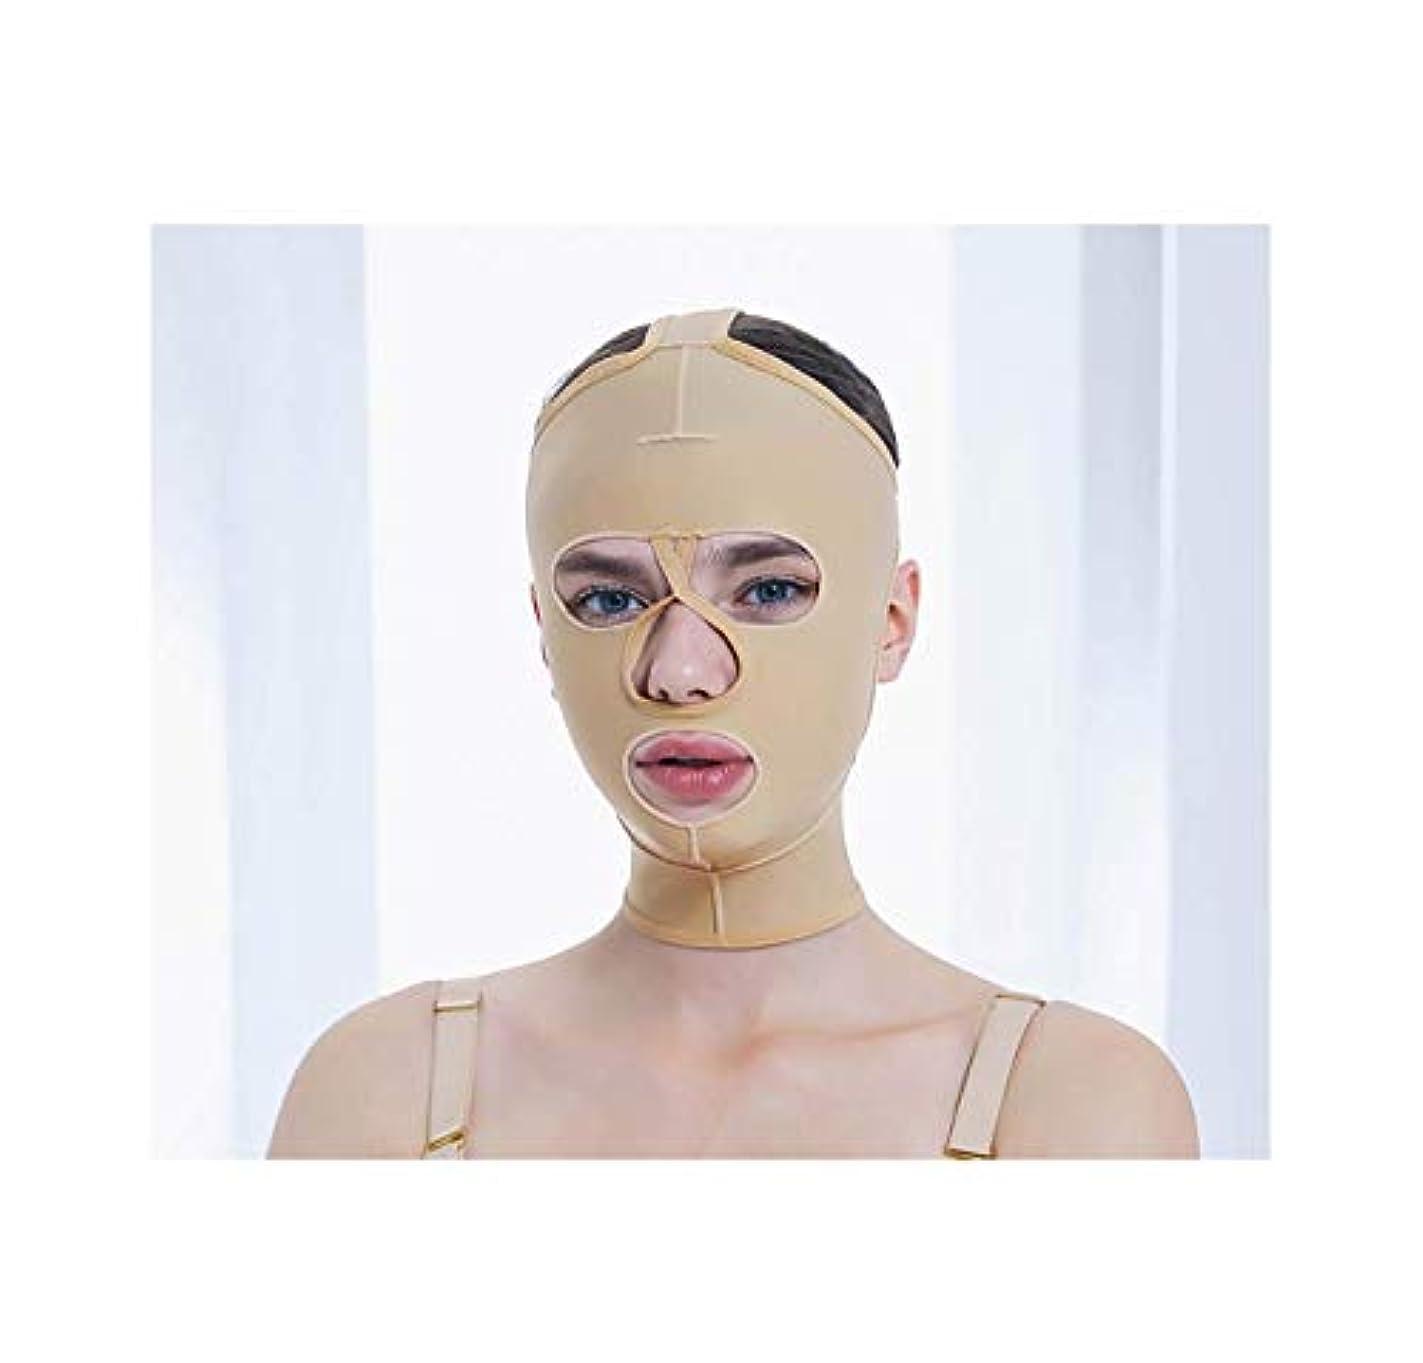 起訴する嫌悪感覚フェイス&ネックリフト、減量フェイスマスク脂肪吸引術脂肪吸引整形マスクフードフェイスリフティングアーティファクトVフェイスビームフェイス弾性スリーブ(サイズ:XS),M